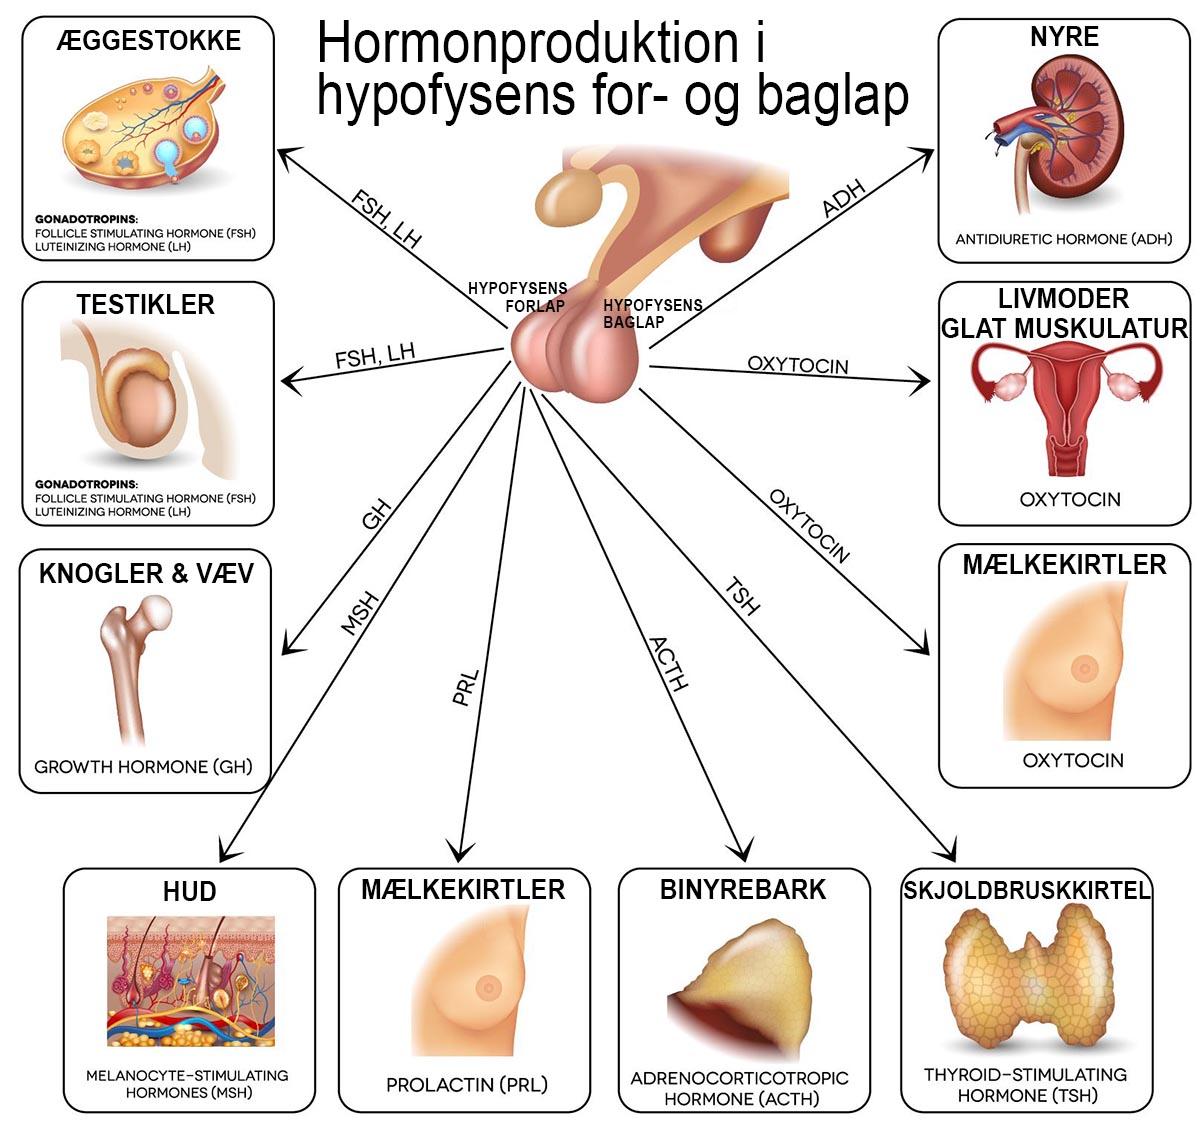 Hormonproduktion i hypofysens forlap og baglap. Klik for at forstørre.